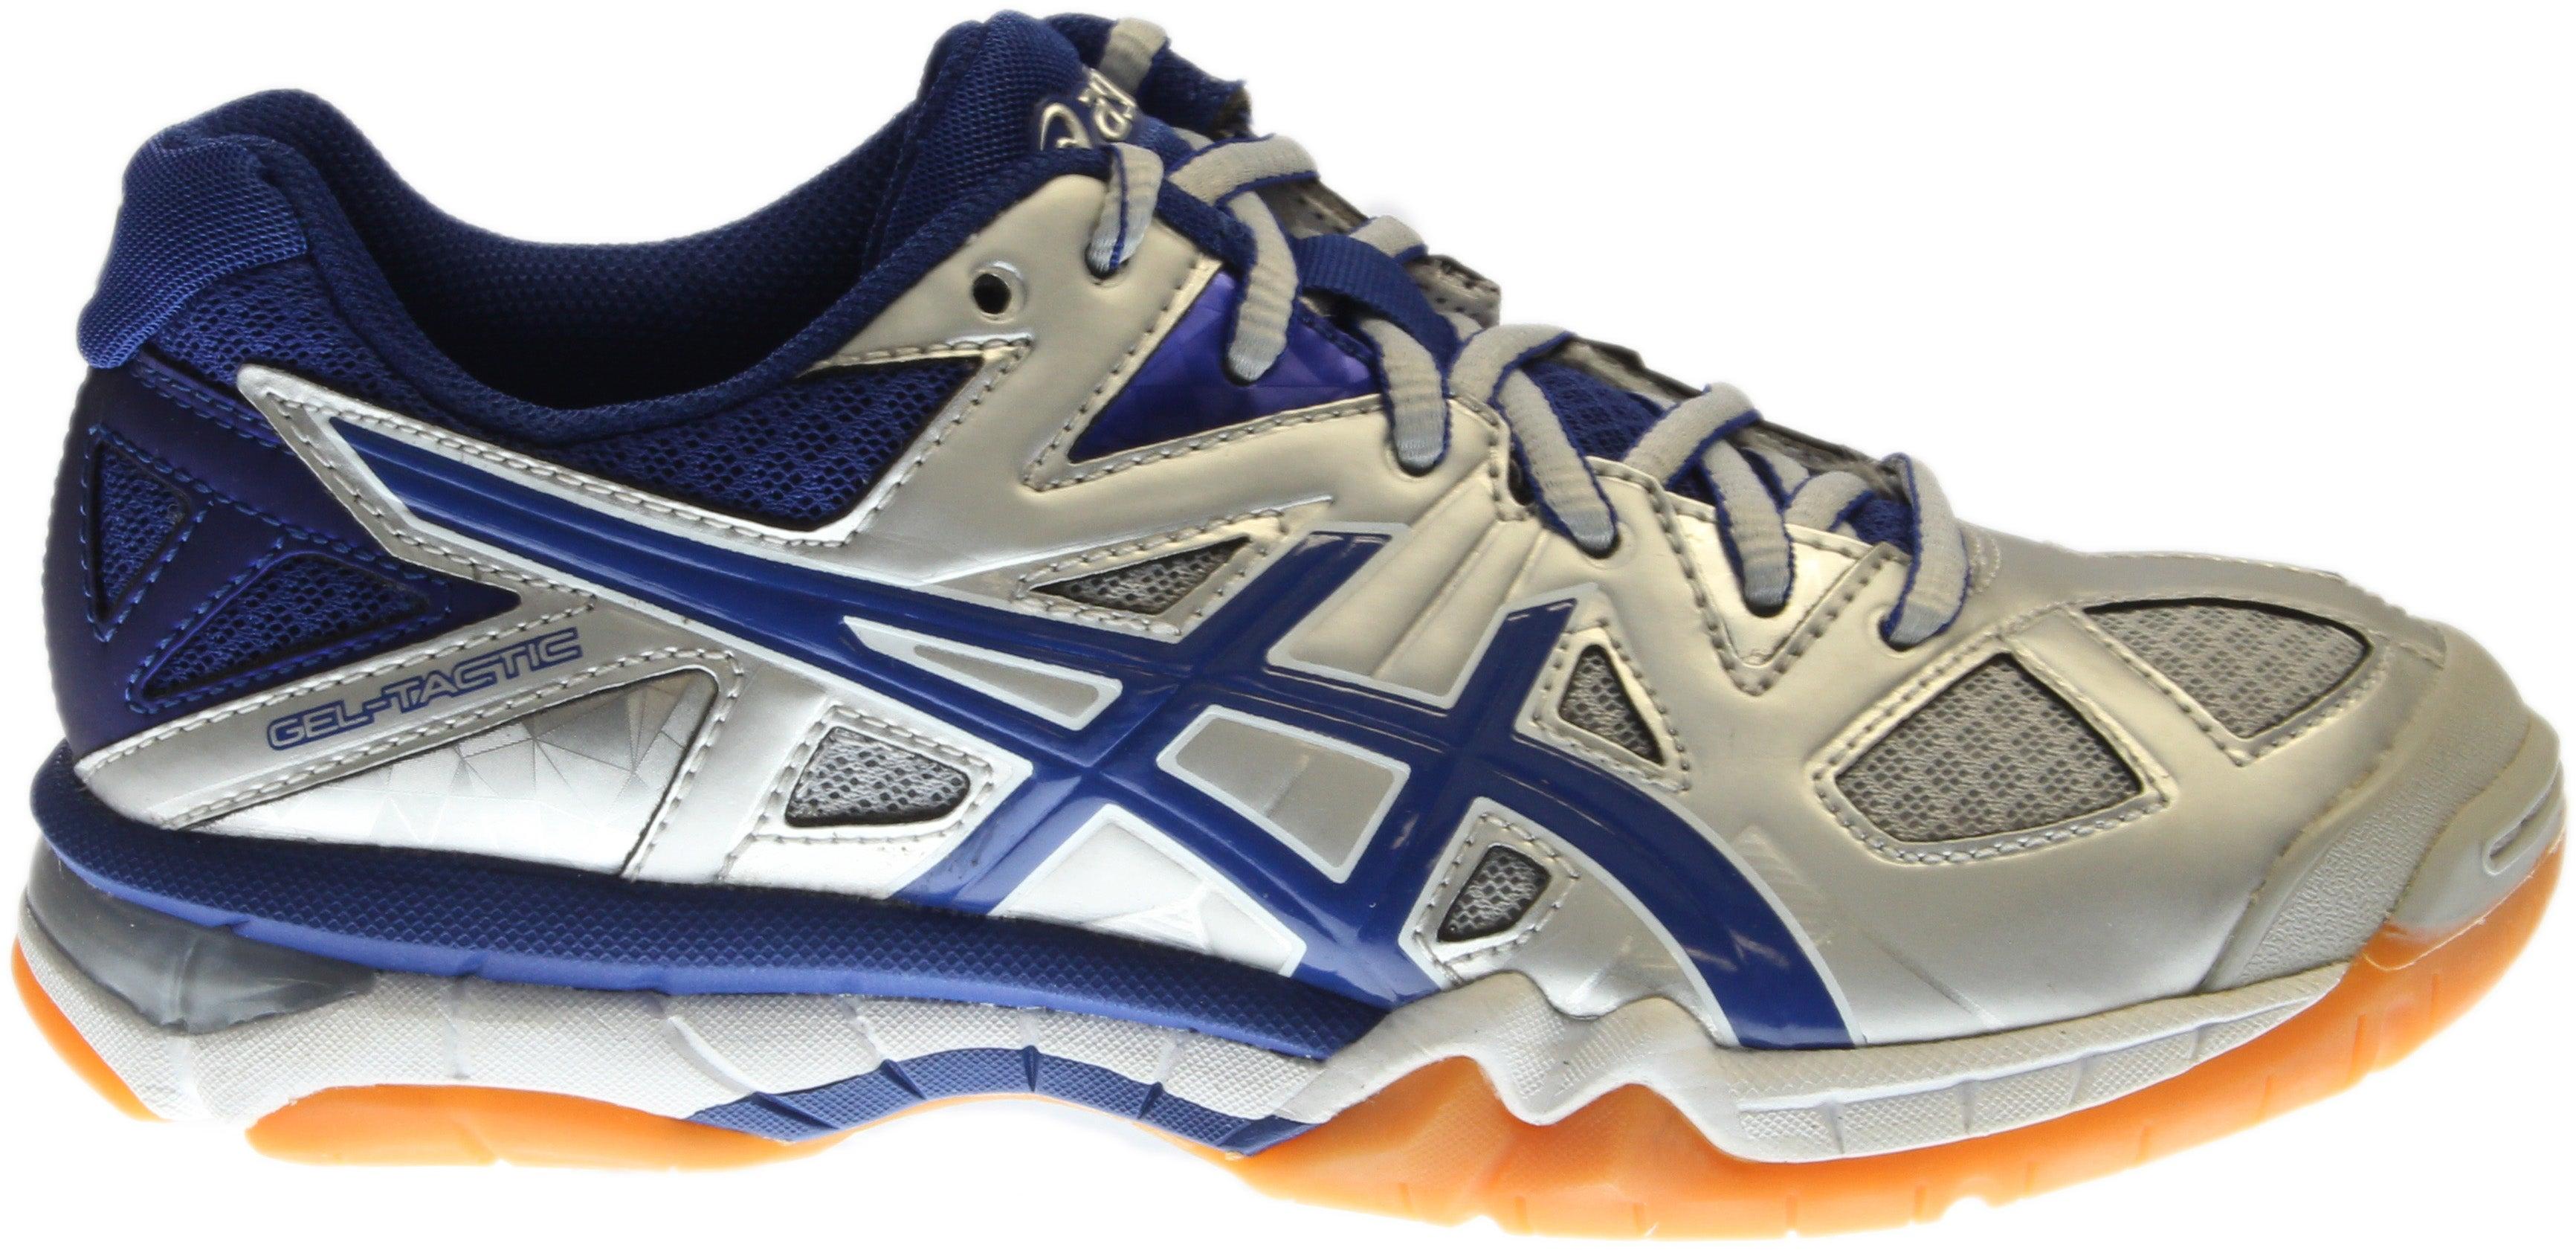 detalles de nuevas zapatillas asics de mujer uk 7.5 gel